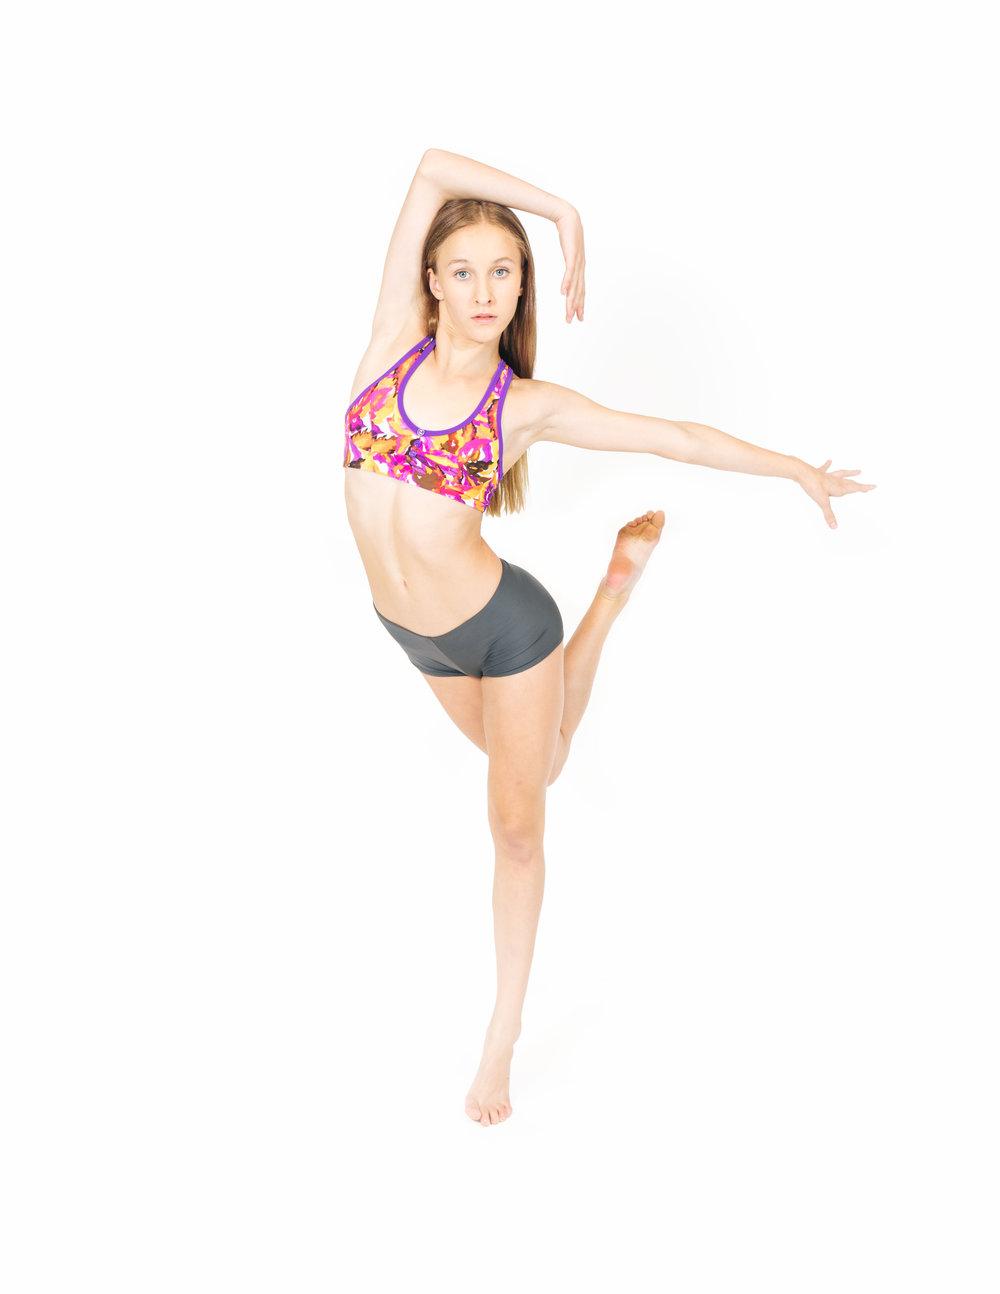 August 2017 Portland Dance Center Emma Devin 0G5A6182.jpg